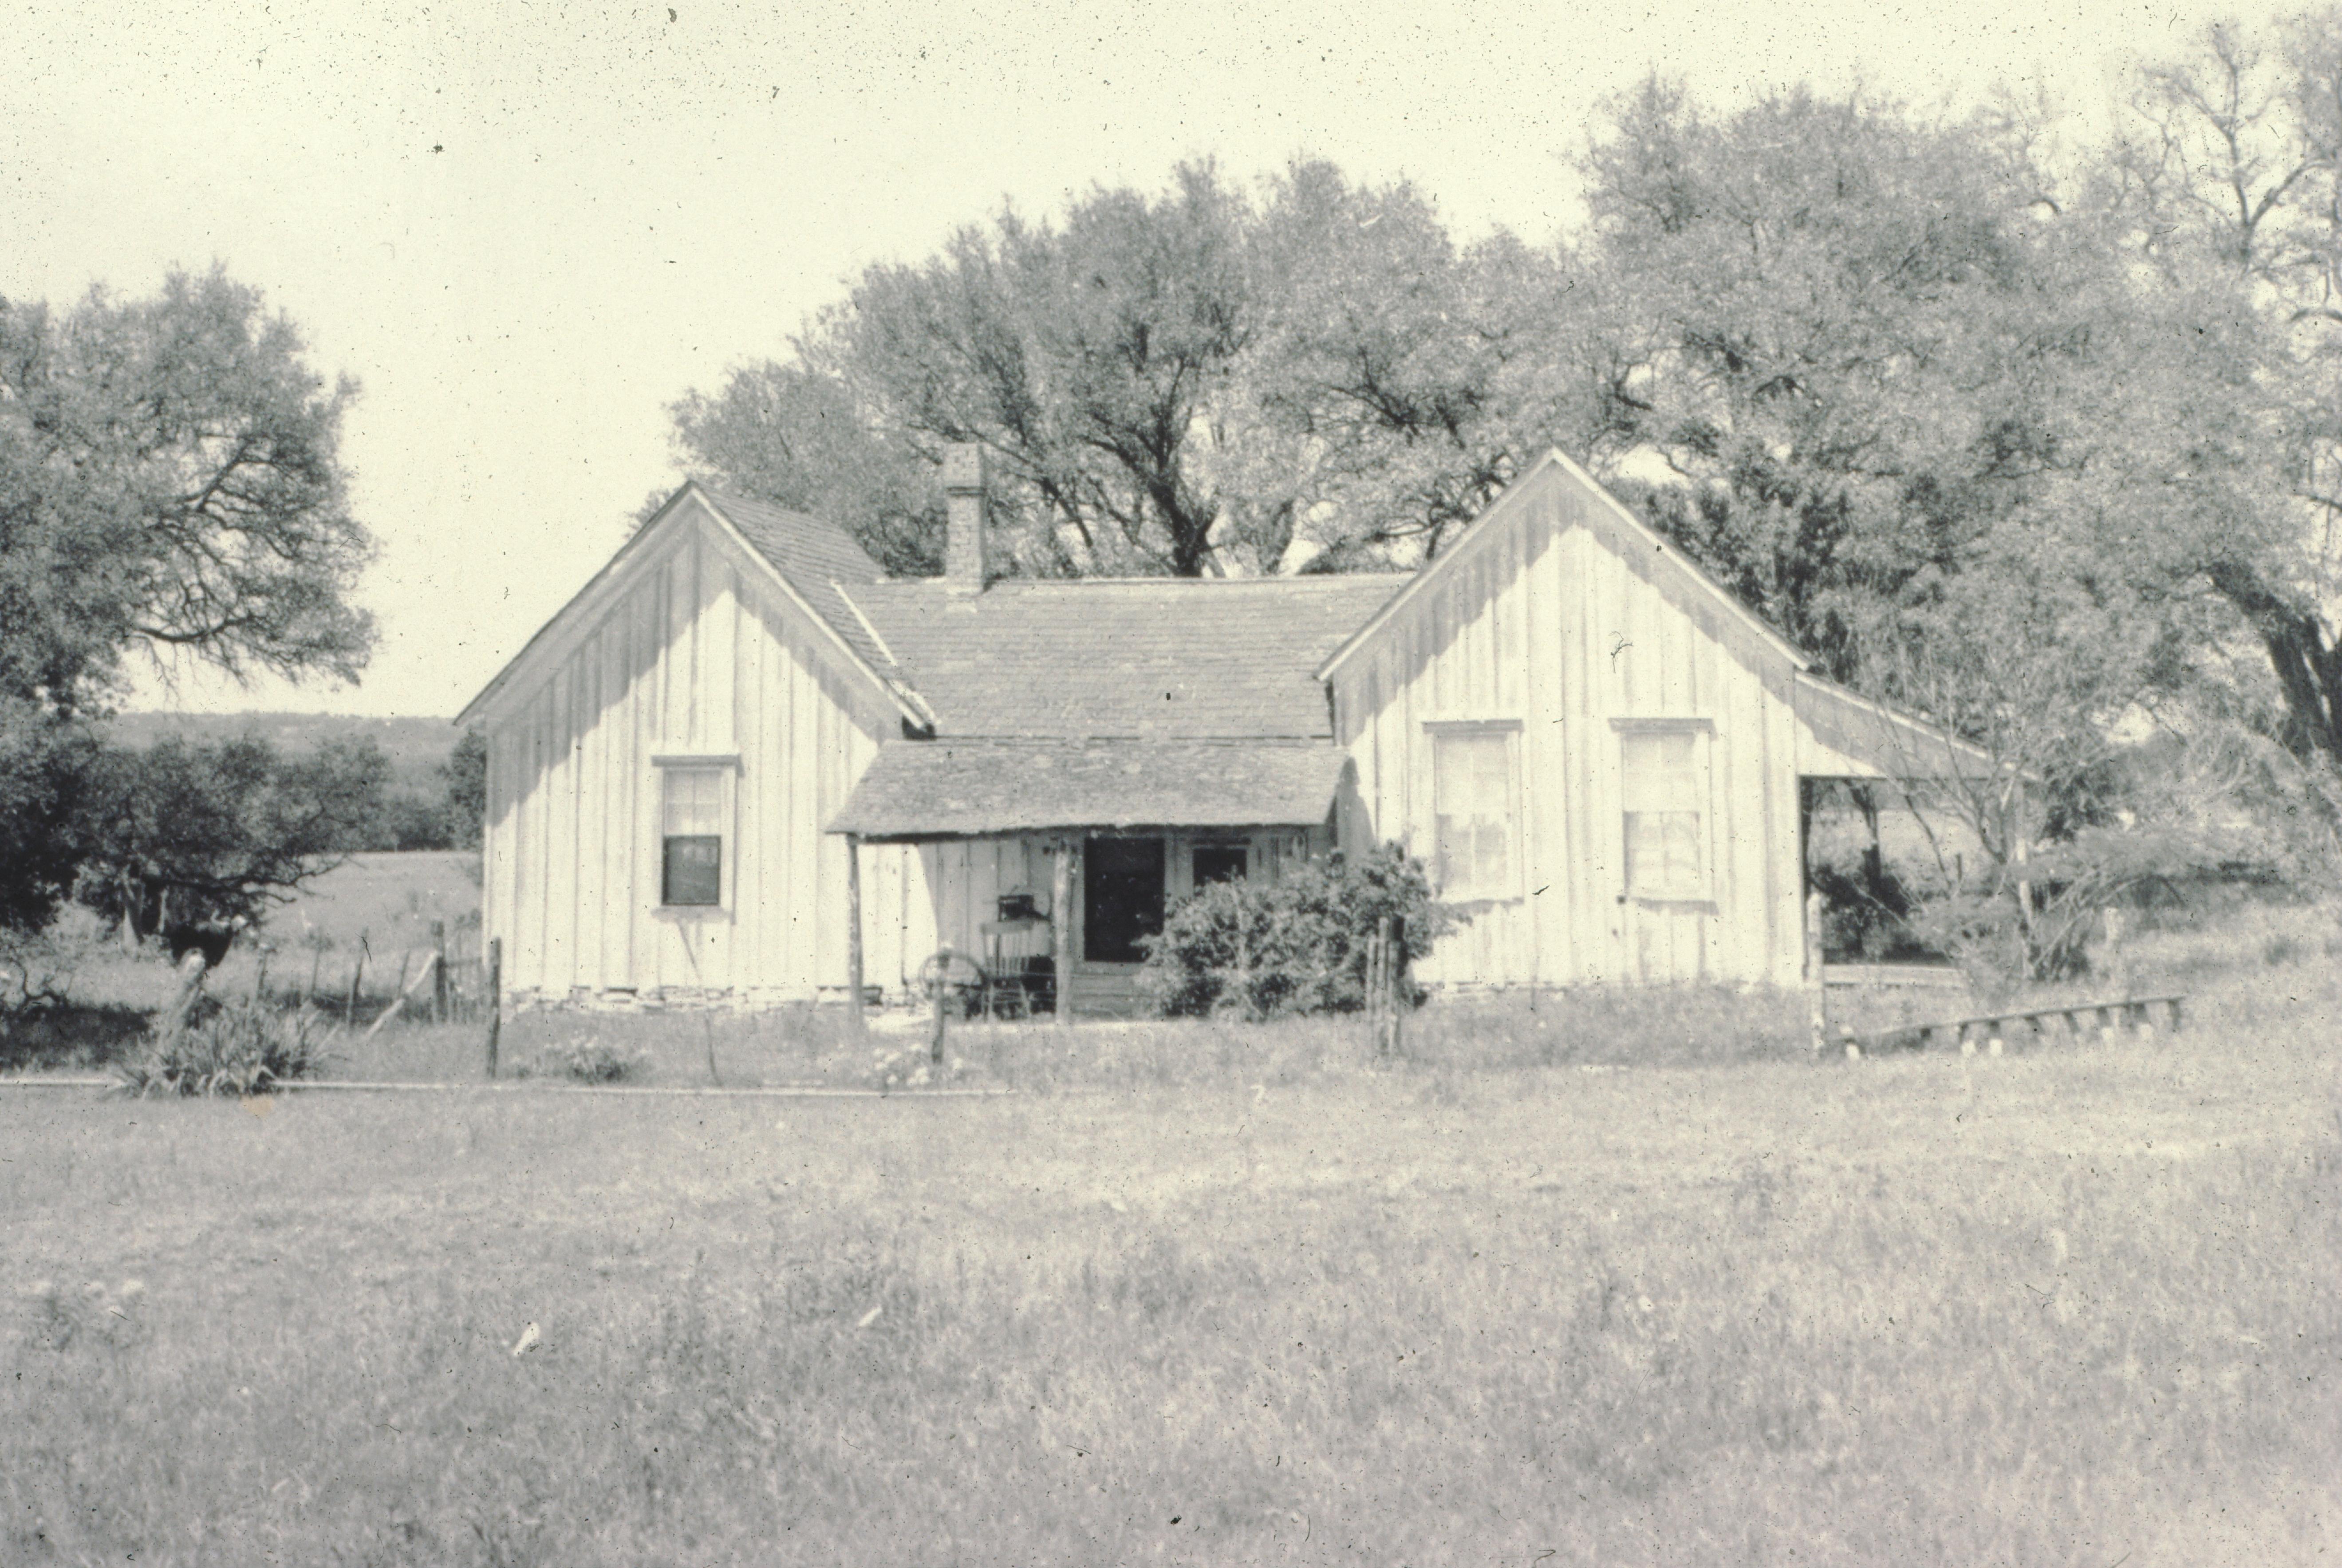 Lahlum House